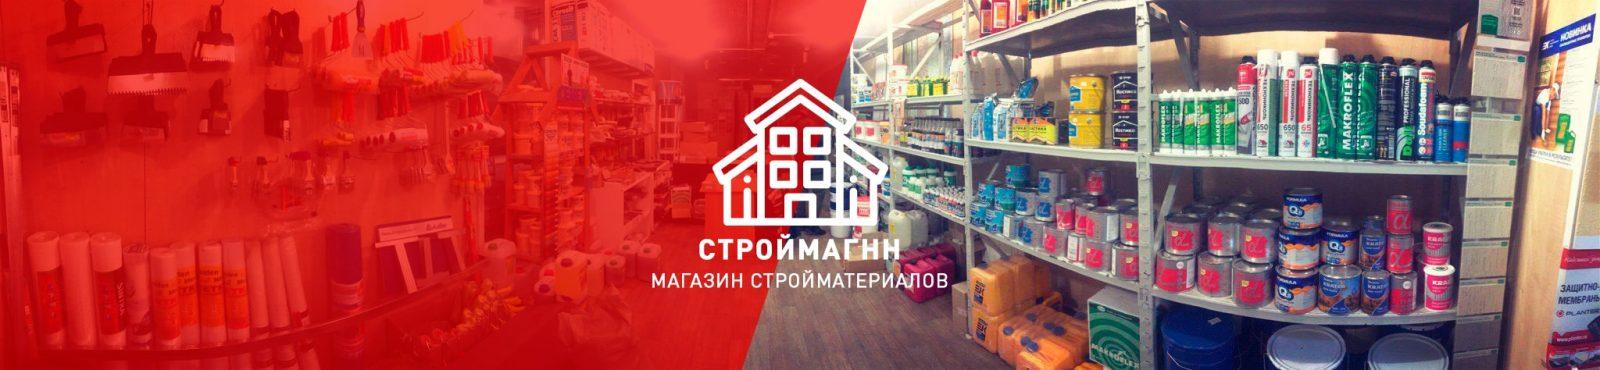 СтроймагНН - Интернет магазин строительных и отделочных материалов материалов